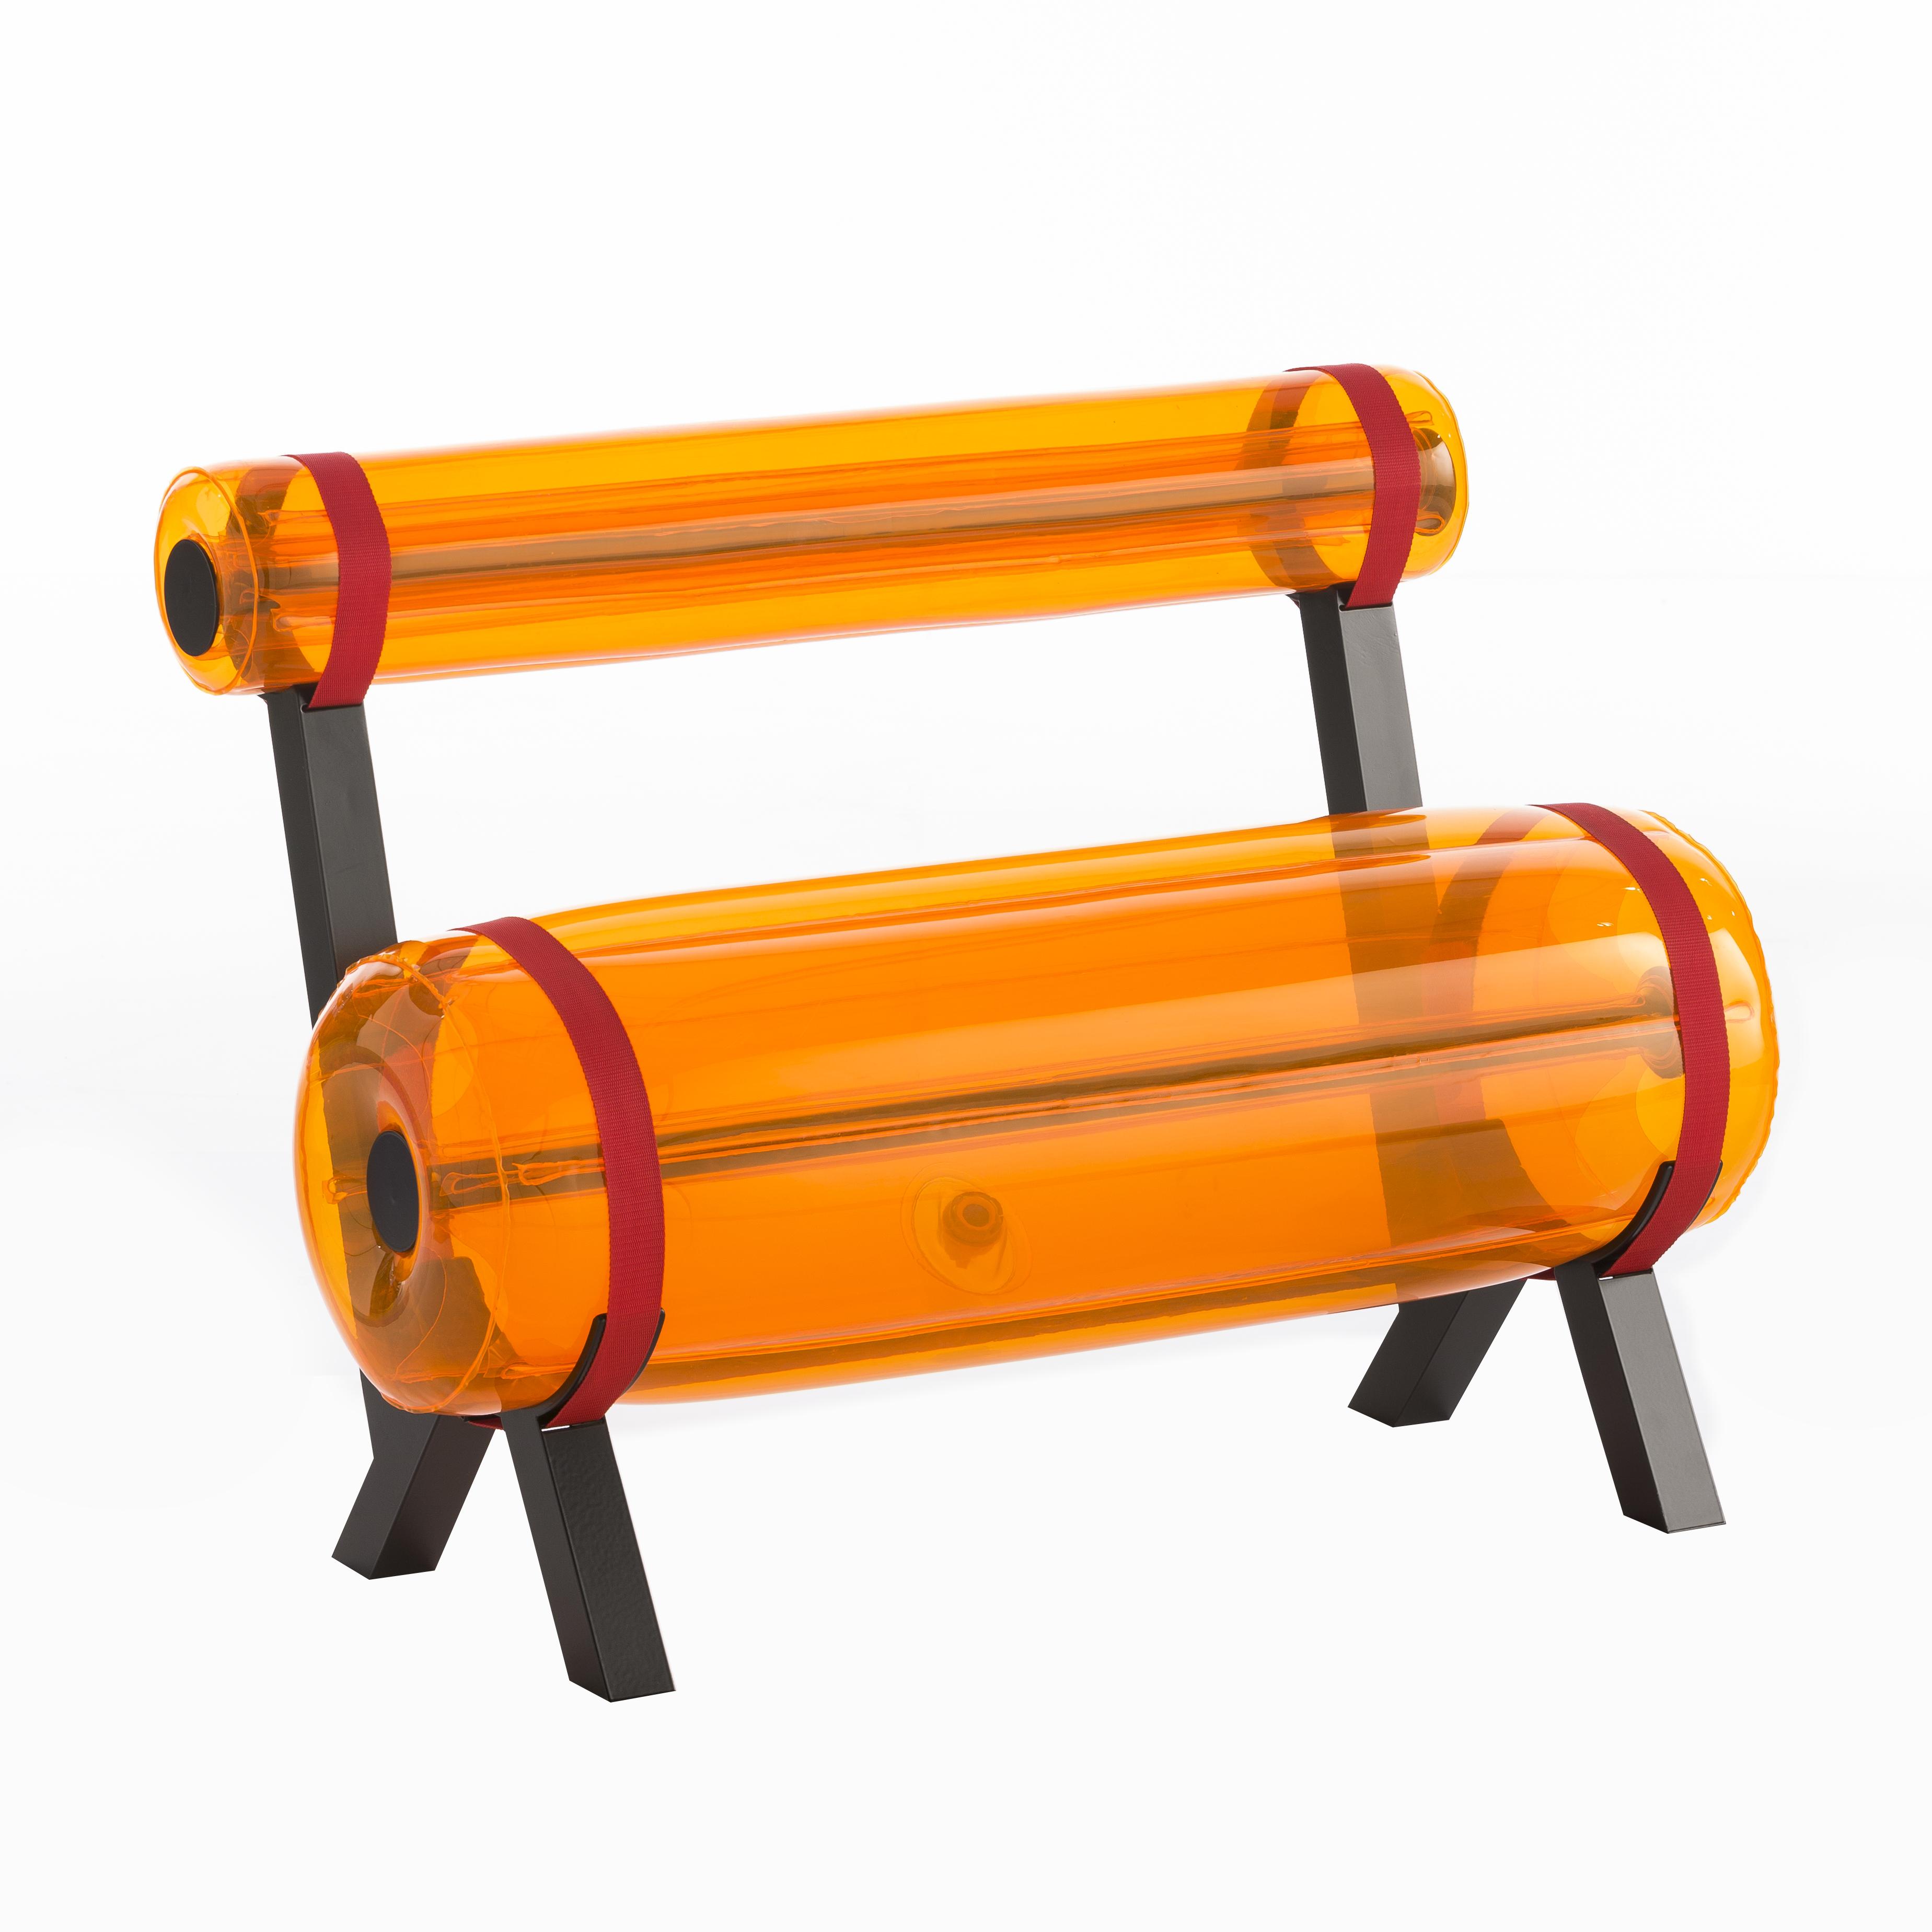 Banc orange pieds en aluminium L100